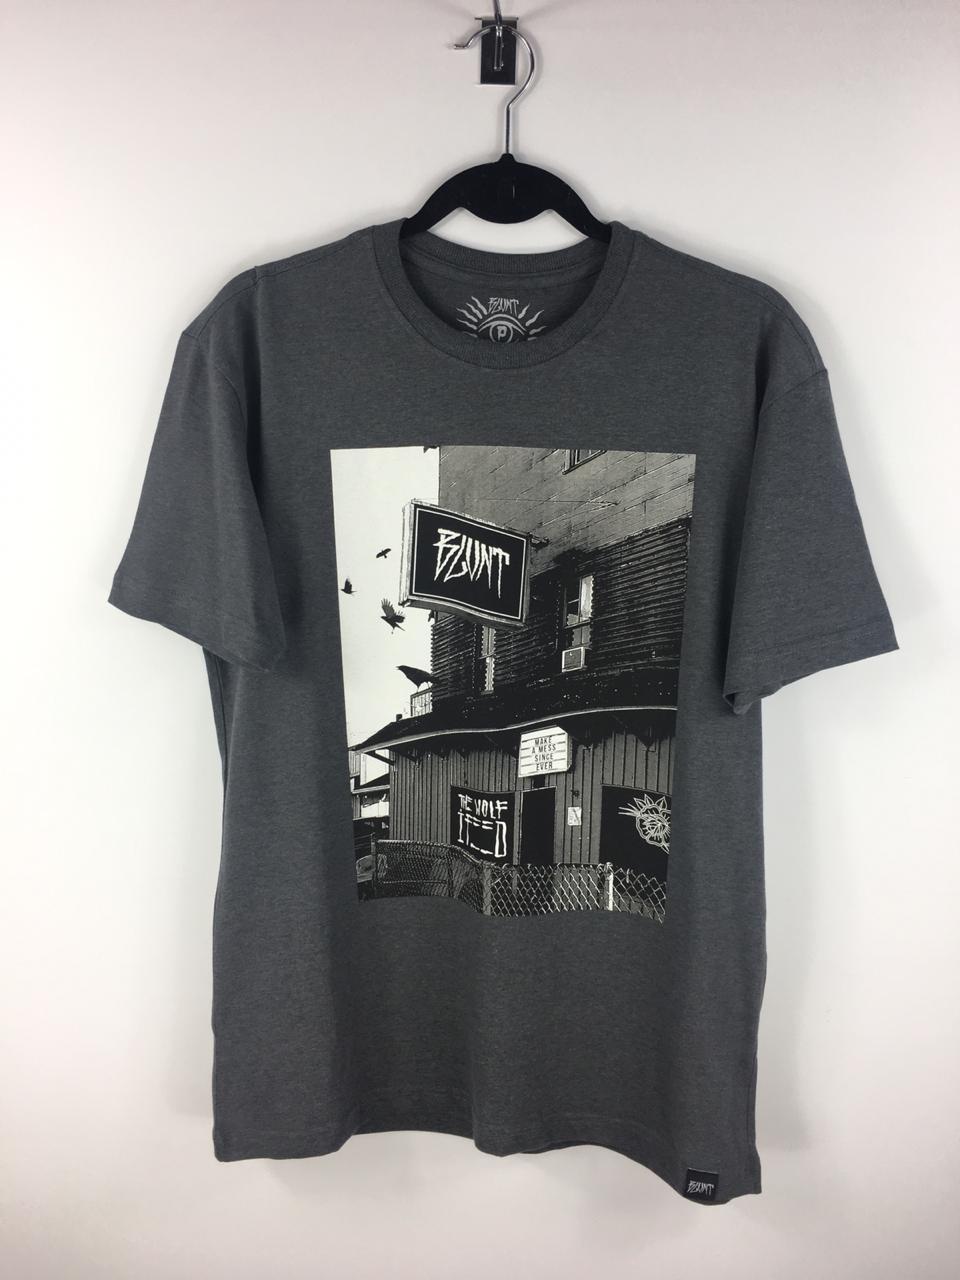 Camiseta House Blunt